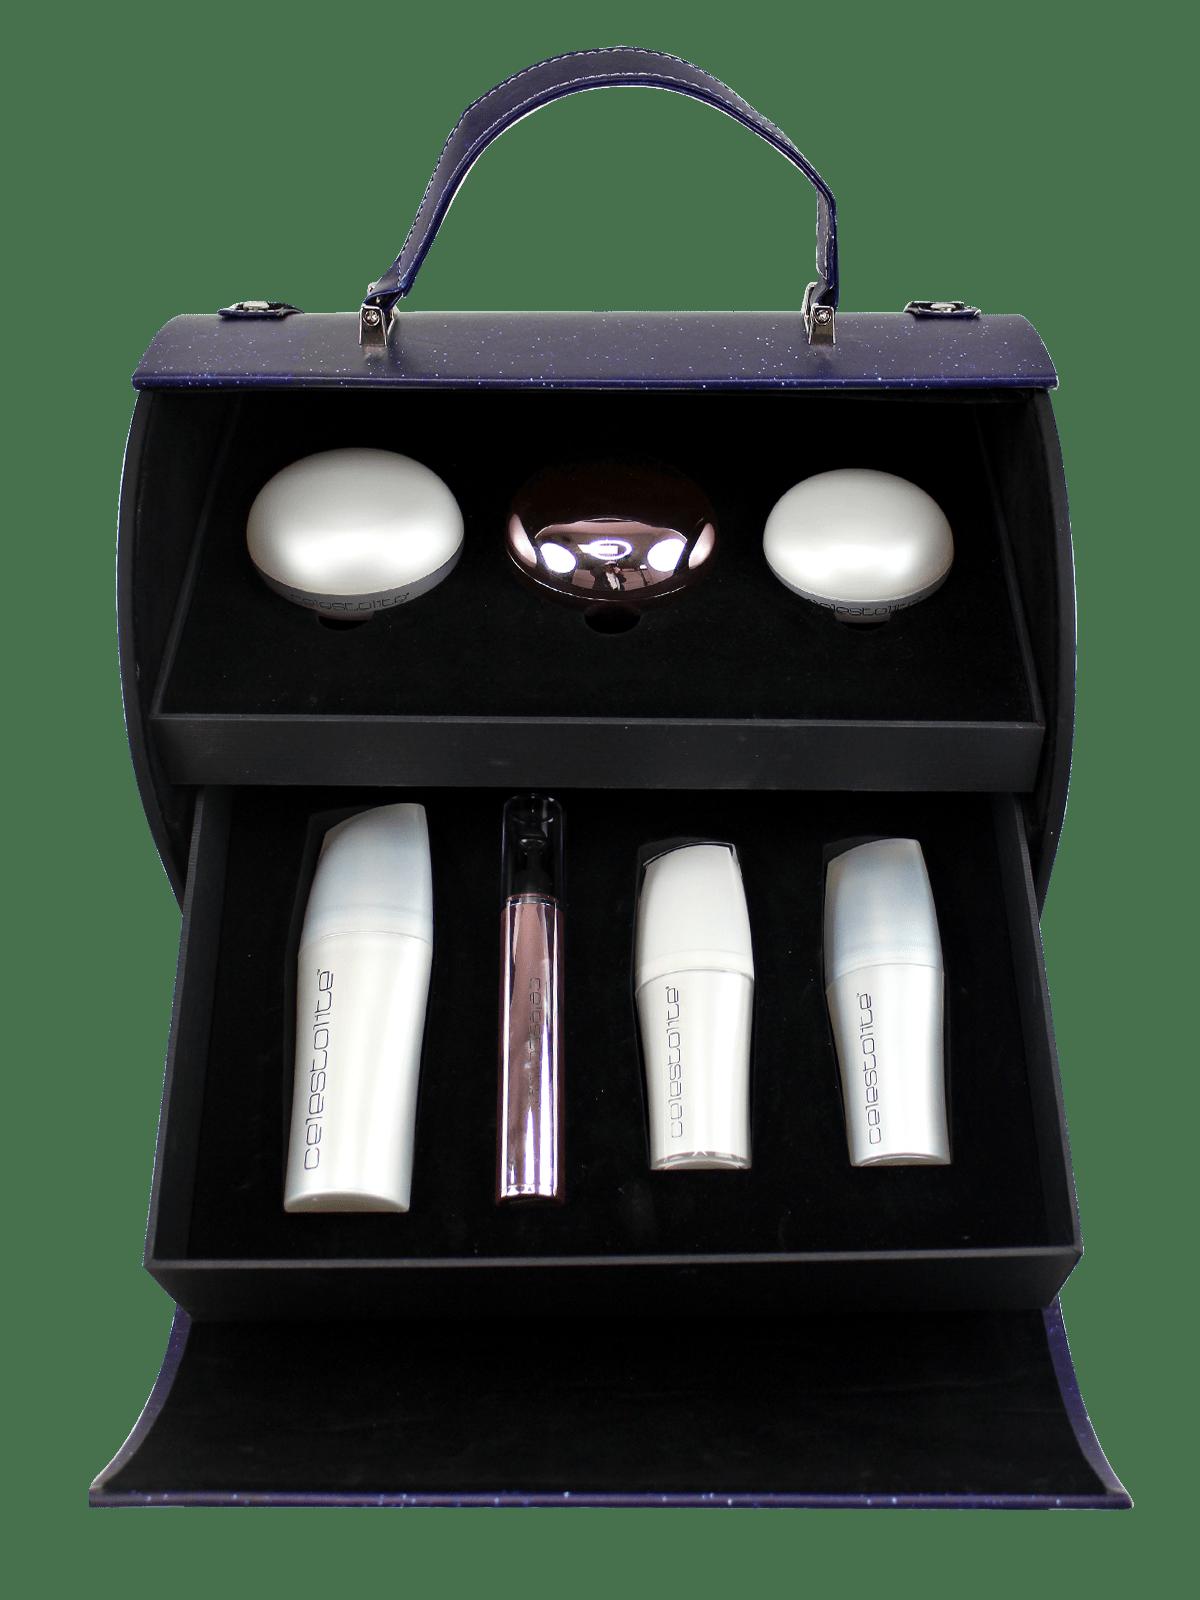 Celestolite Beauty Suitcase Nova Collection